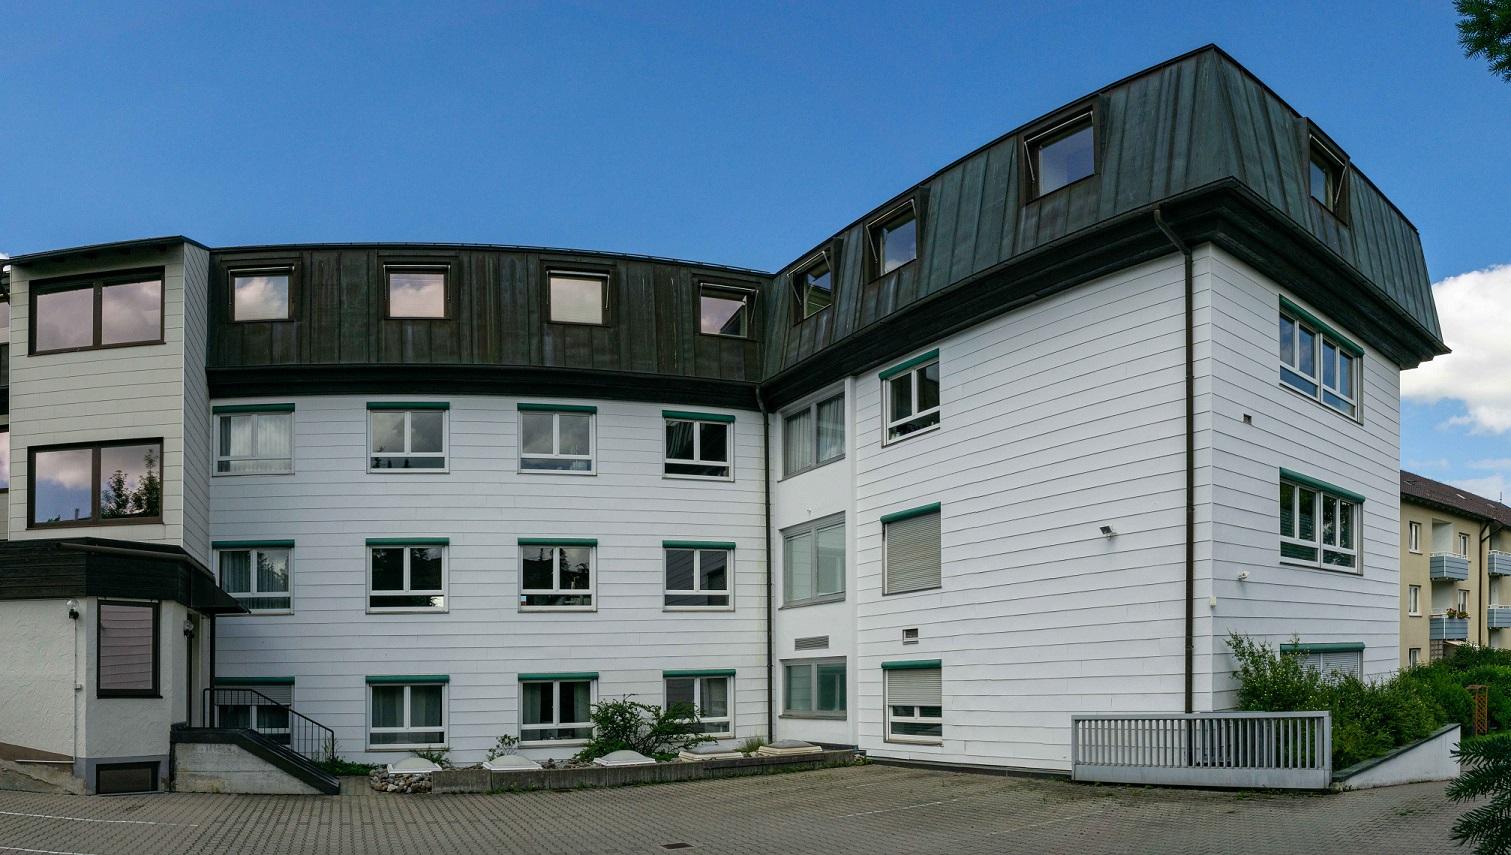 Zentrum für Innere Medizin und Dialyse Kempten